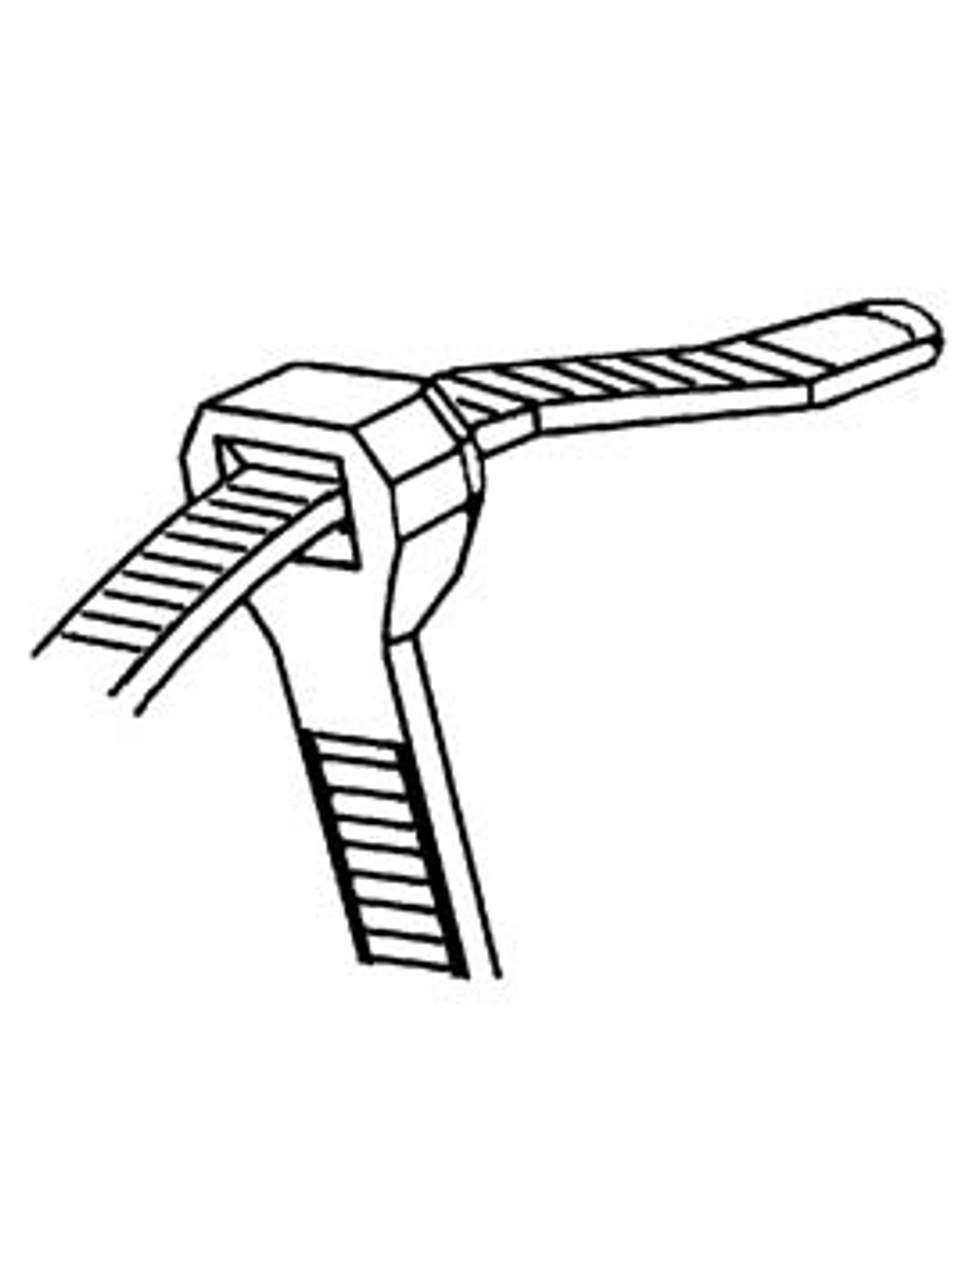 9753 --- Heavy Duty Nylon Cable Tie